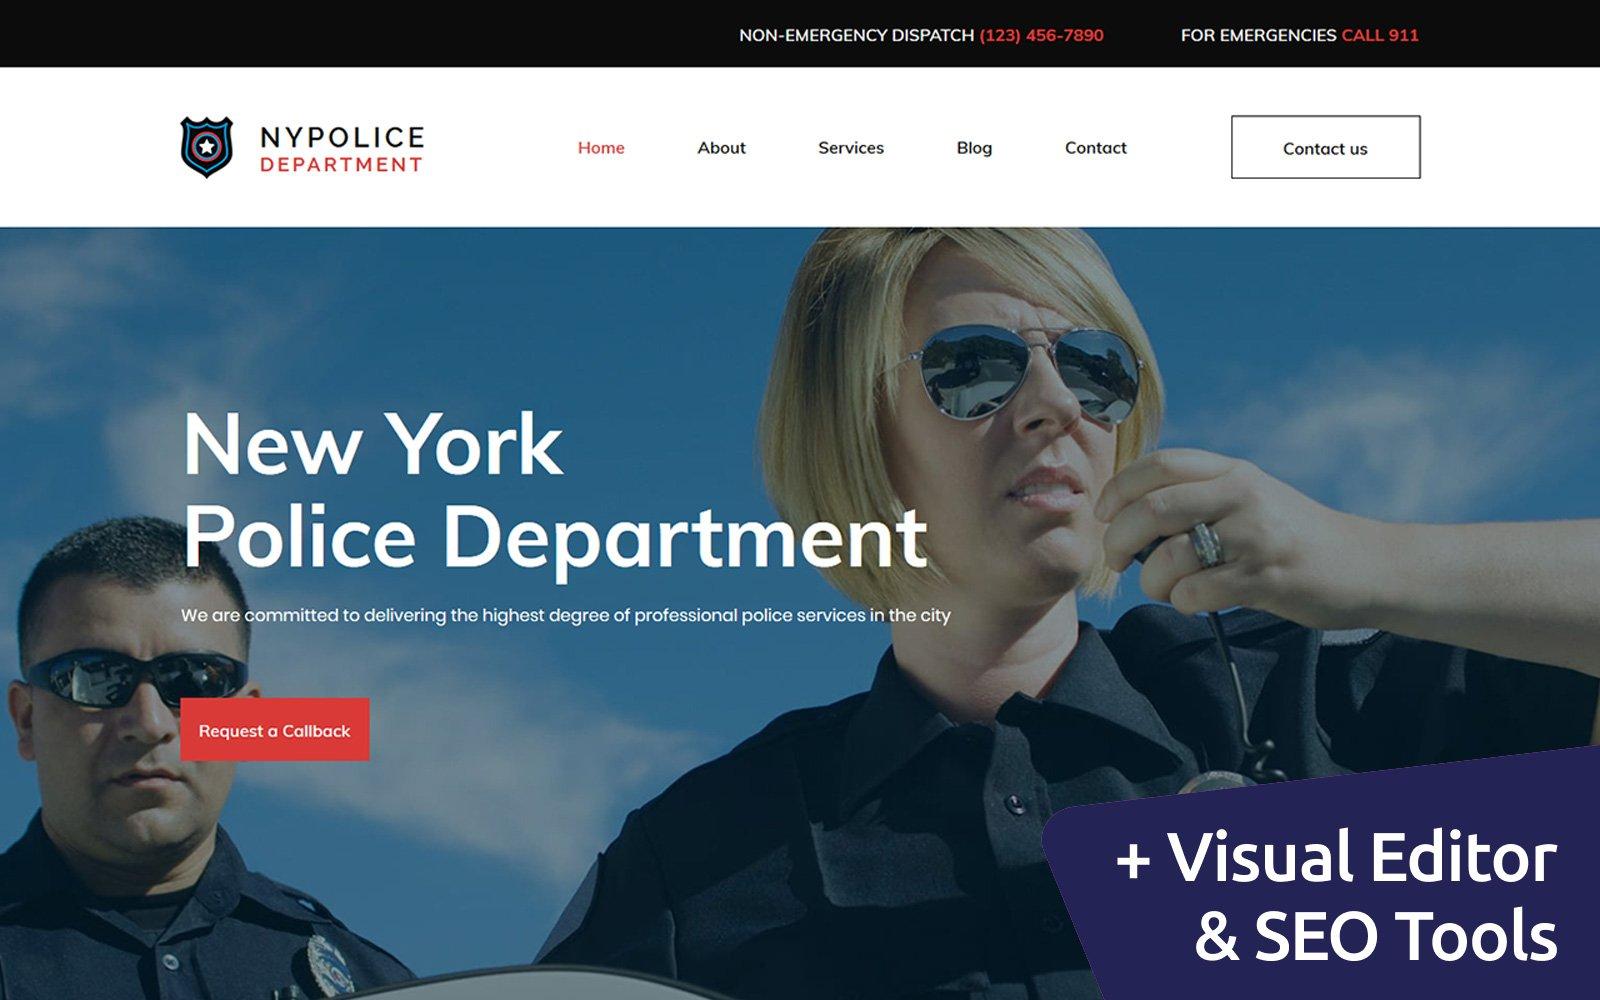 Police Department Premium Templates Moto CMS 3 №68189